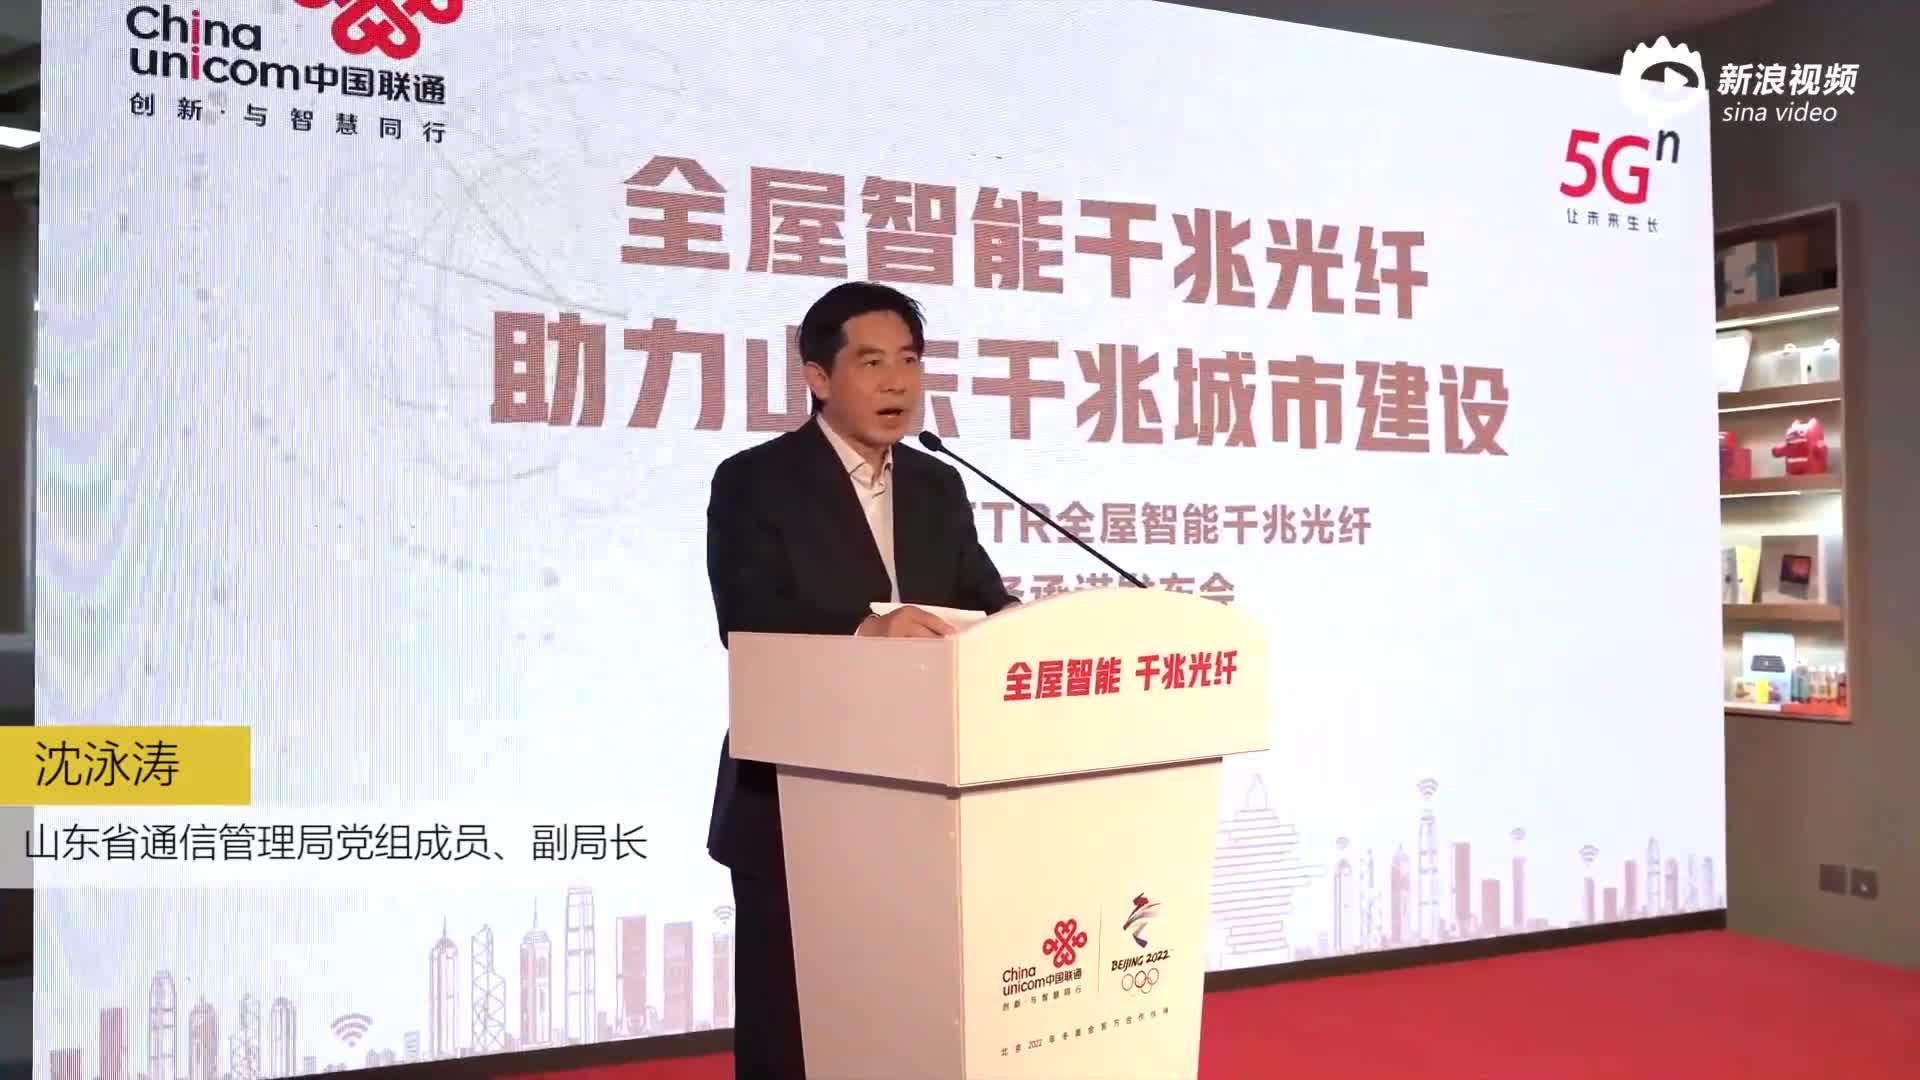 山东省通信管理局党组成员、副局长 沈泳涛